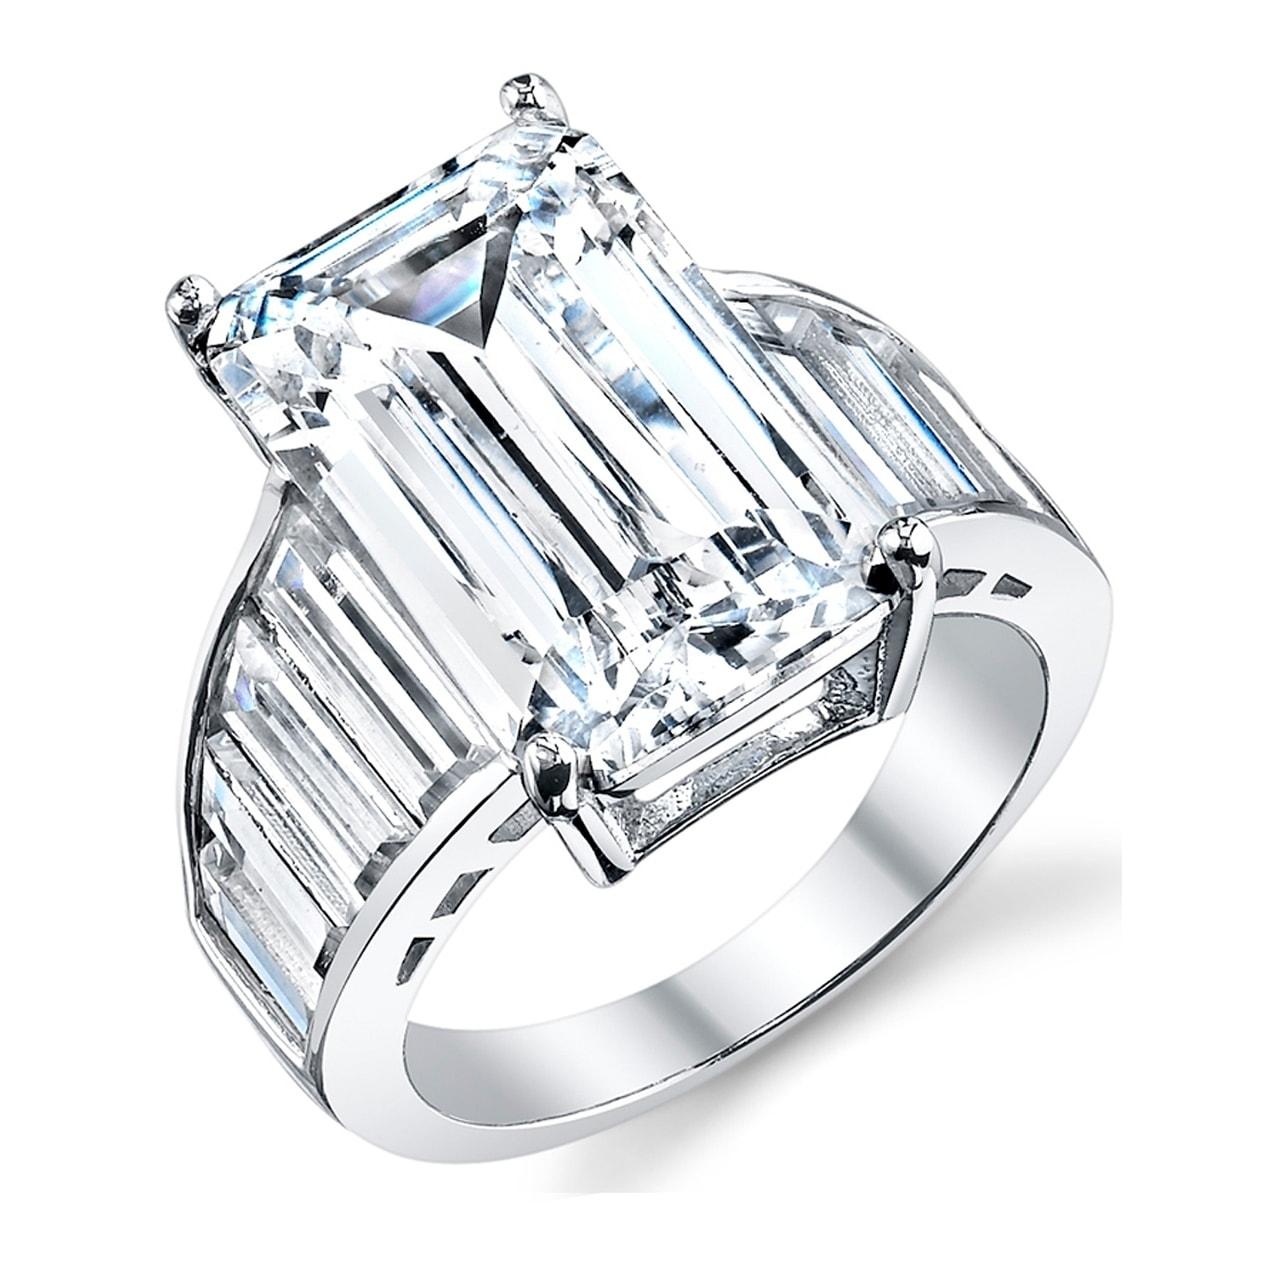 Women Men Green Gemstone Antique Silver Emerald Zircon Ring Wedding Engagement